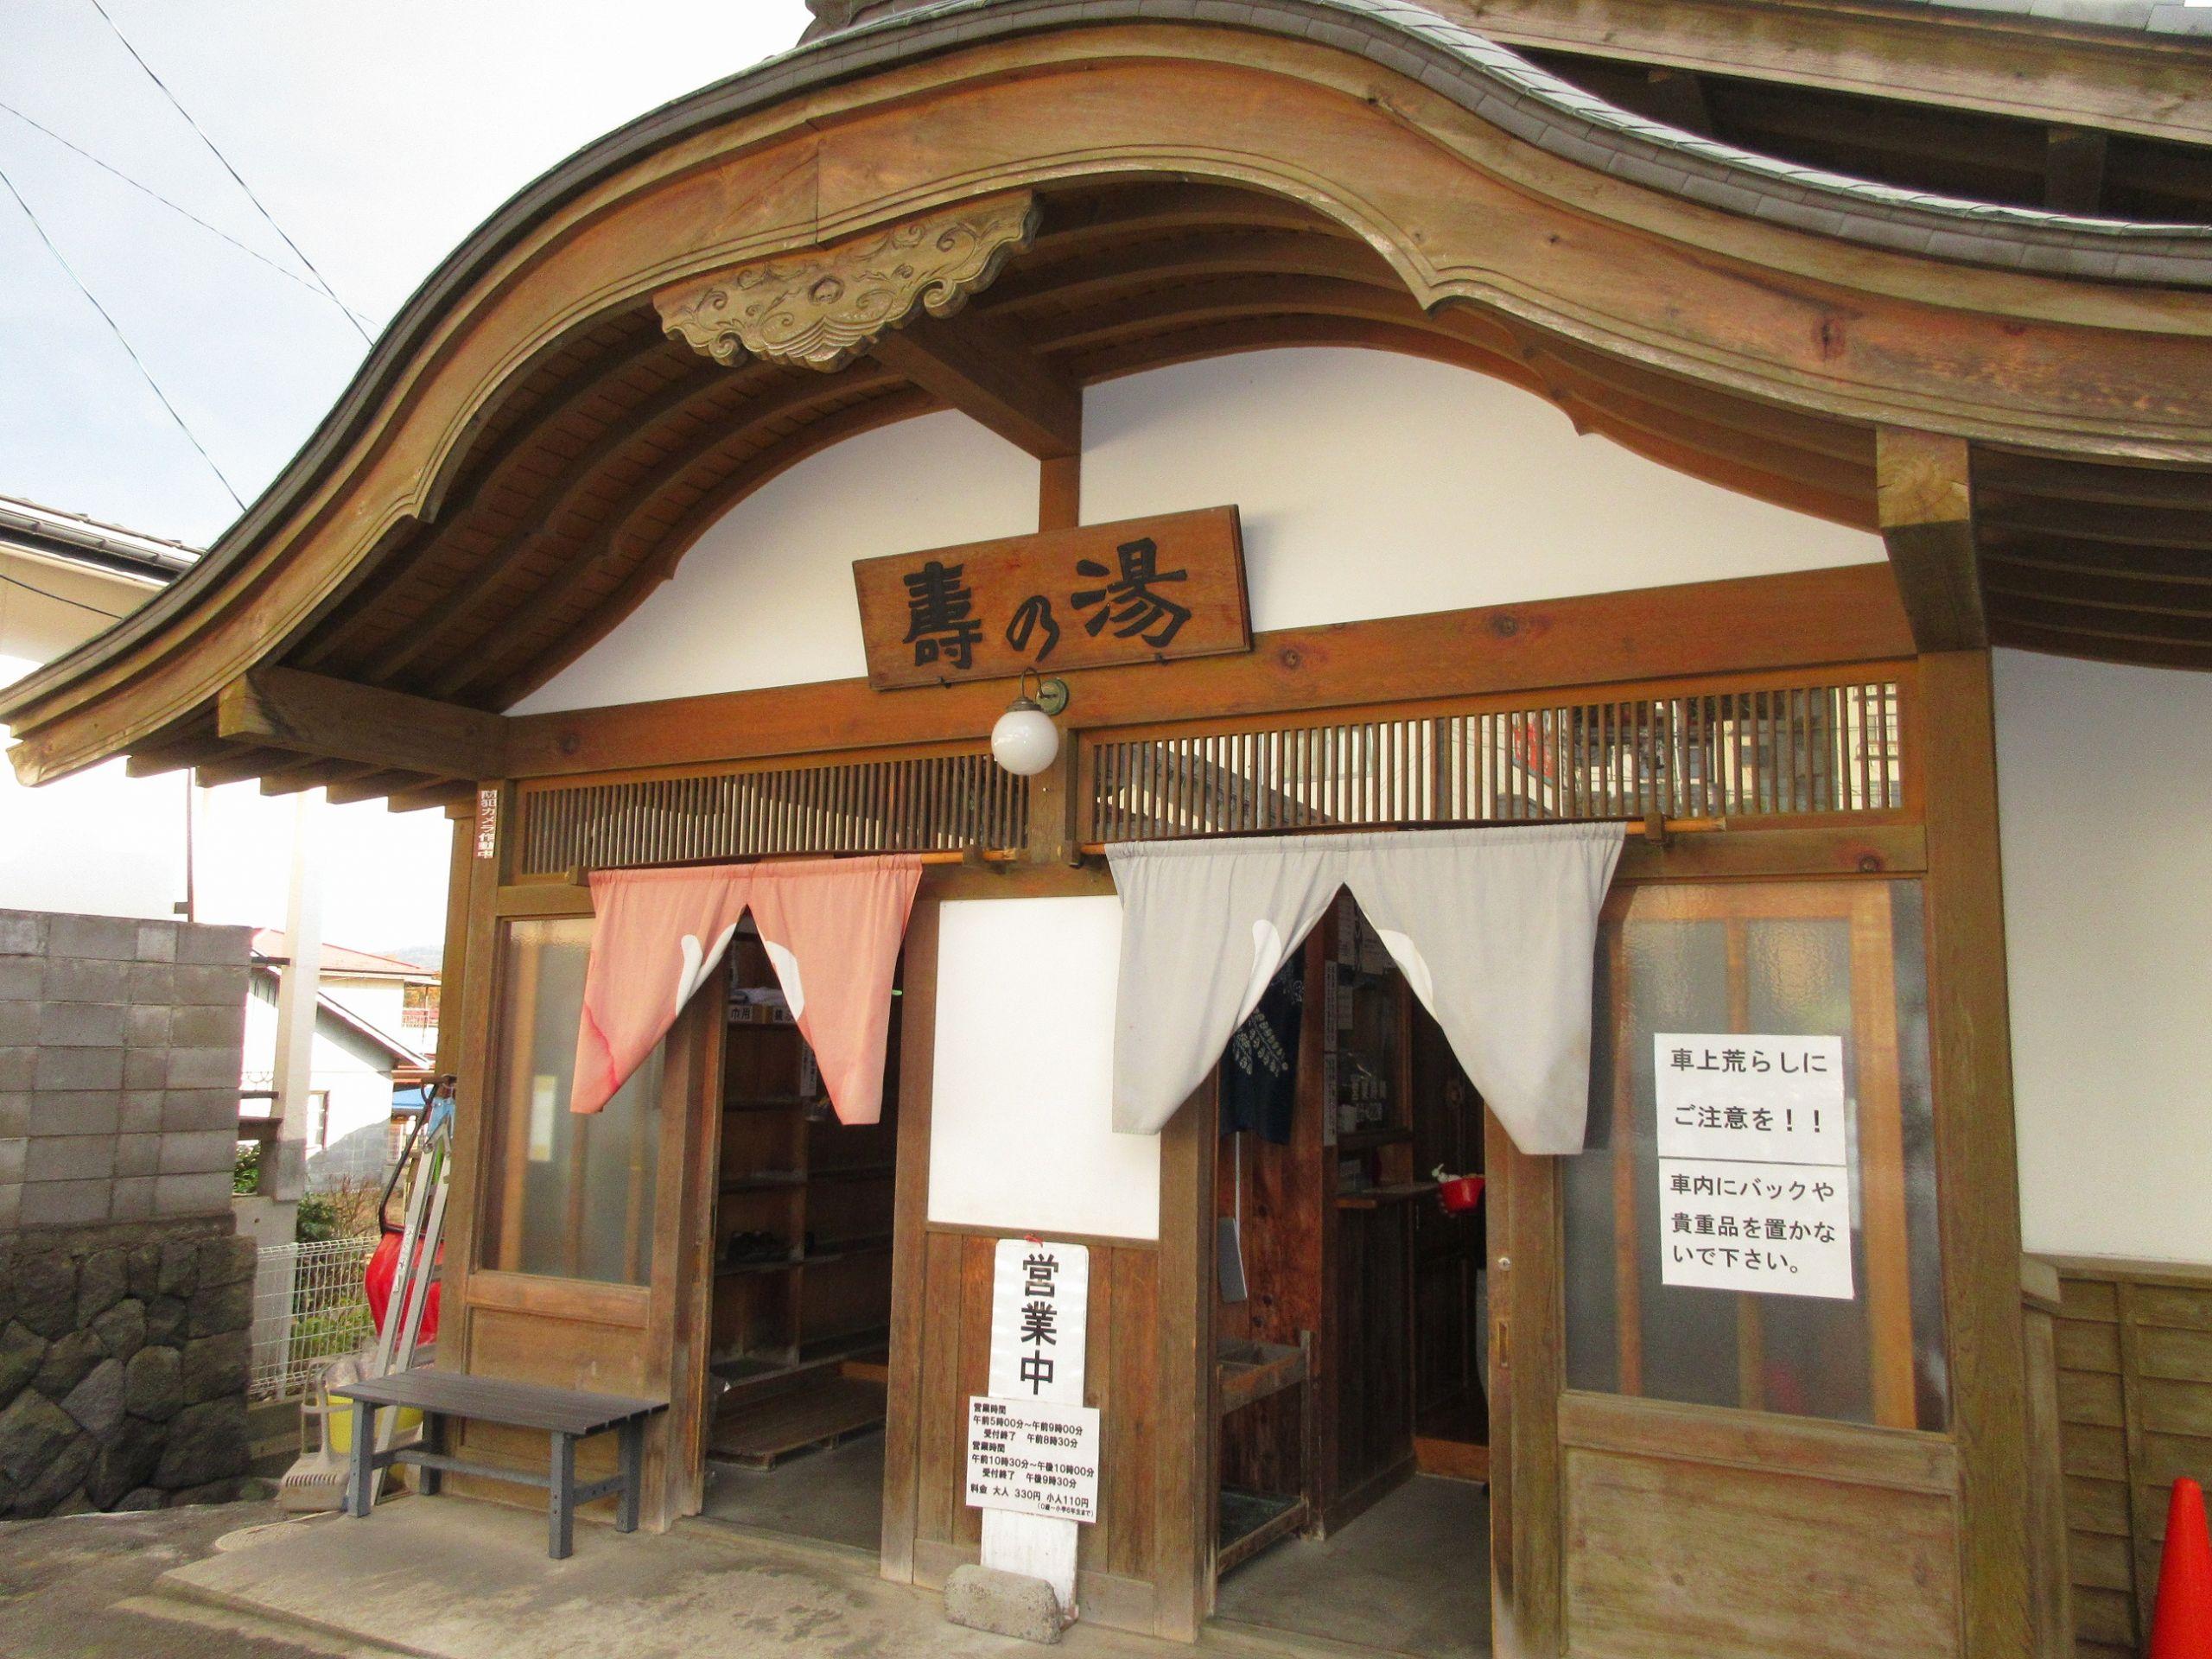 湯上りに絶品アイスも!遠刈田で気軽に楽しみたい日帰り入浴「神の湯」「壽の湯」